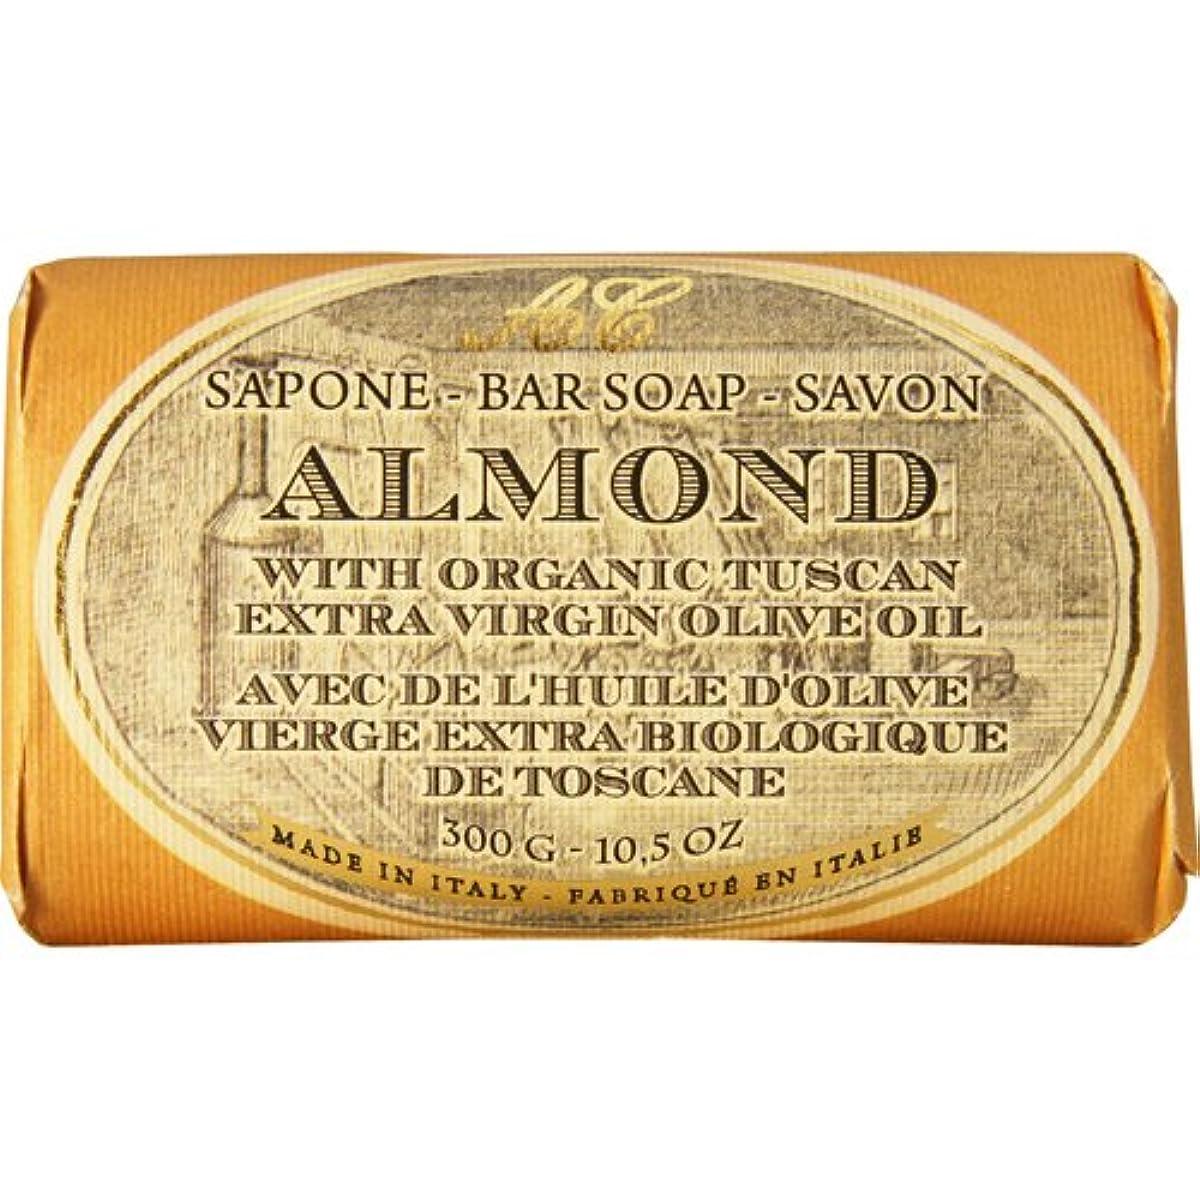 グッゲンハイム美術館晩ごはん帳面Saponerire Fissi レトロシリーズ Bar Soap バーソープ 300g Almond アーモンドオイル